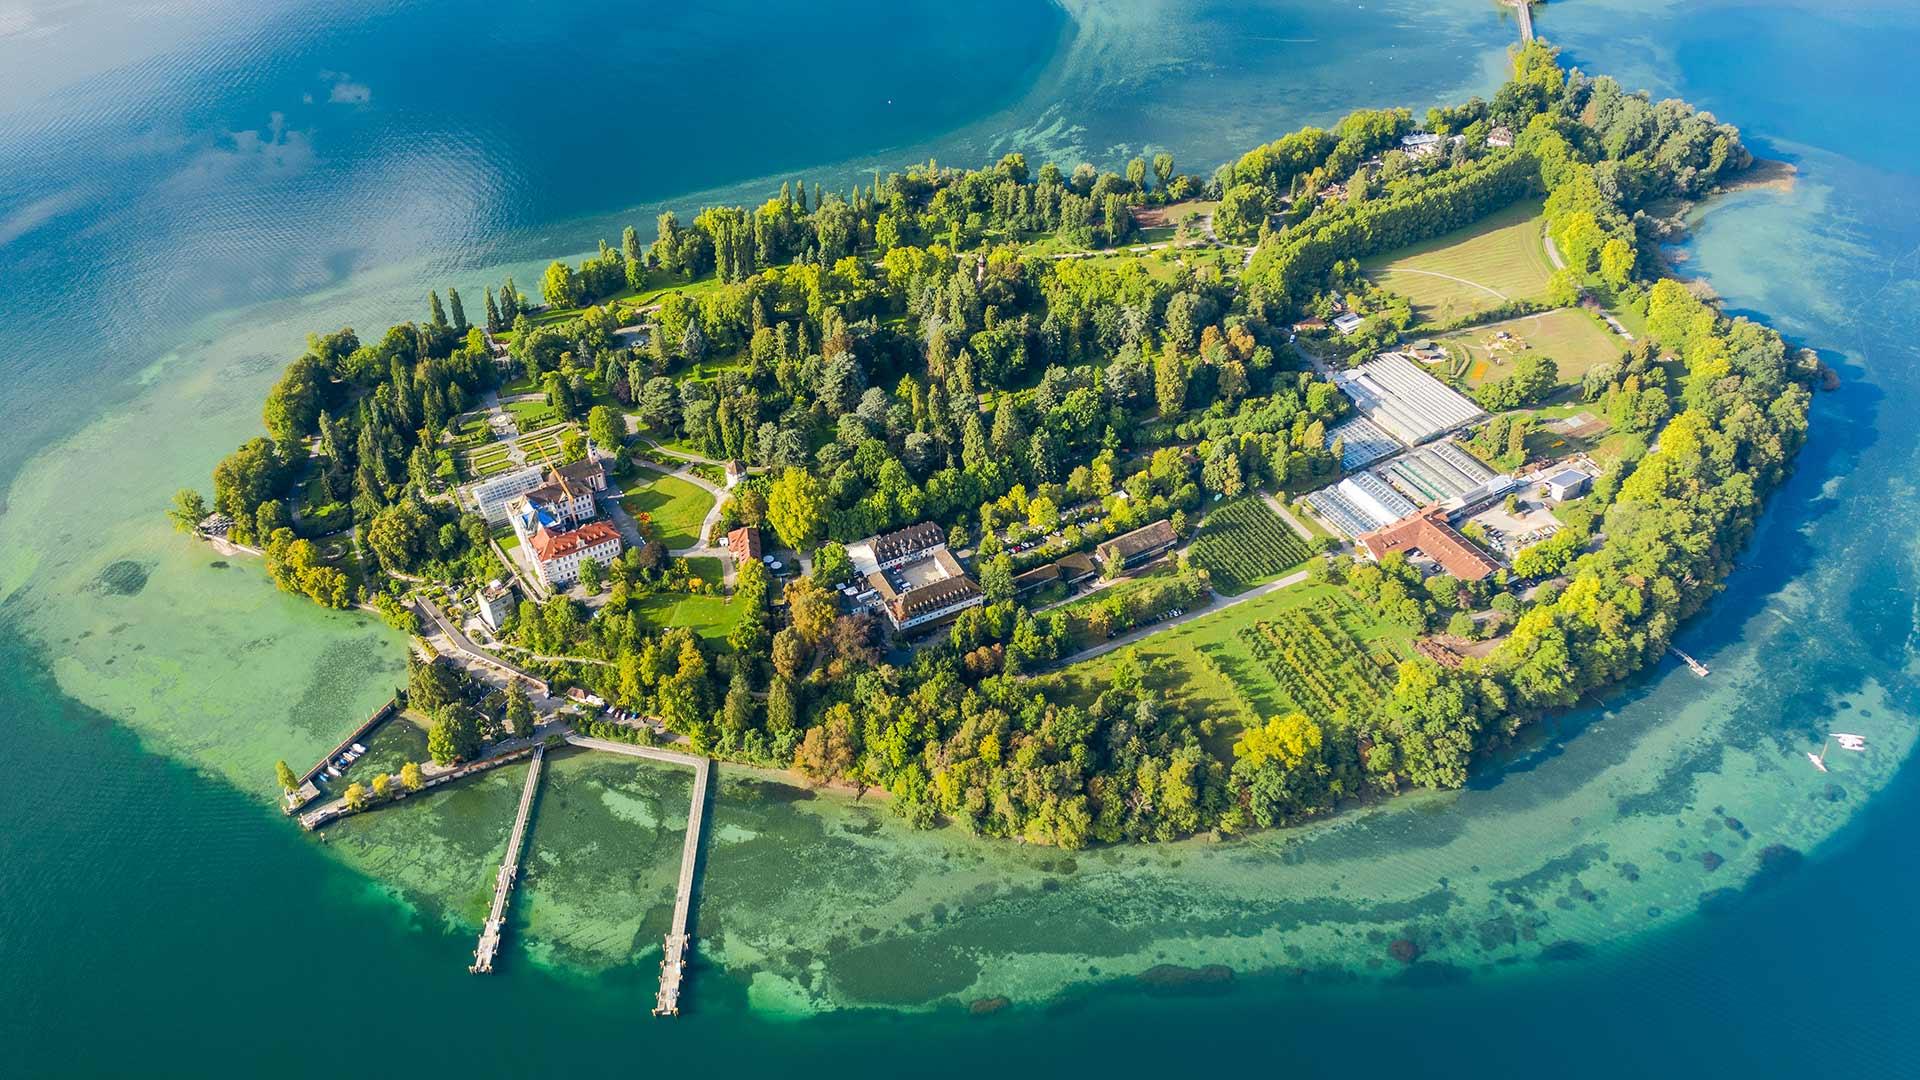 Insel Mainau Aerial